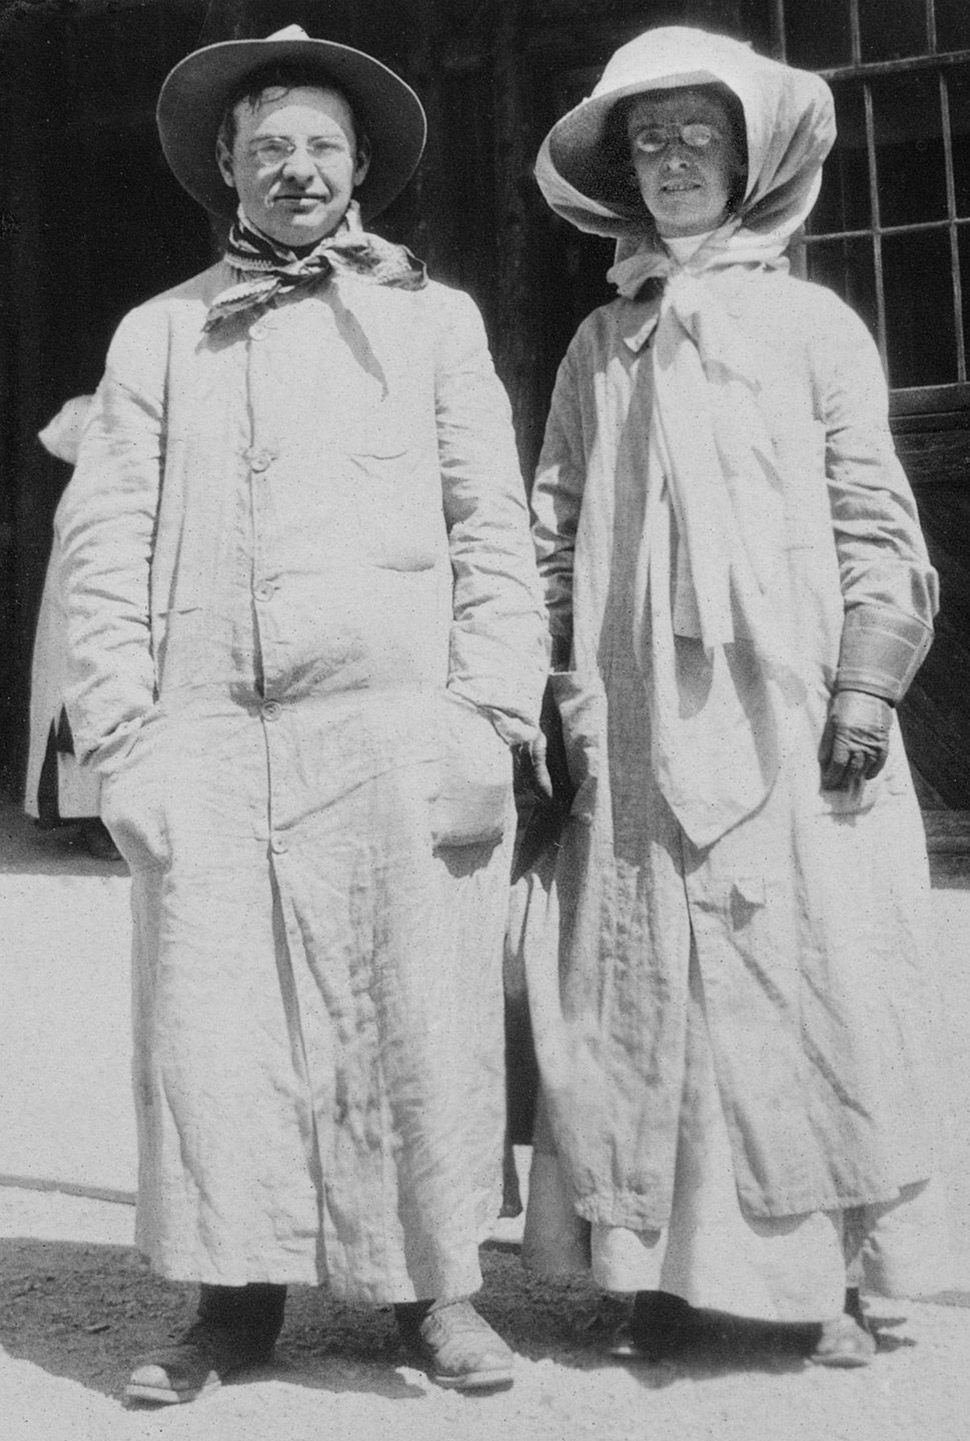 Около 1900 года. Фото: JONATHAN KIRN/CORBIS VIA GETTY IMAGES. Главным элементом модного образа автом